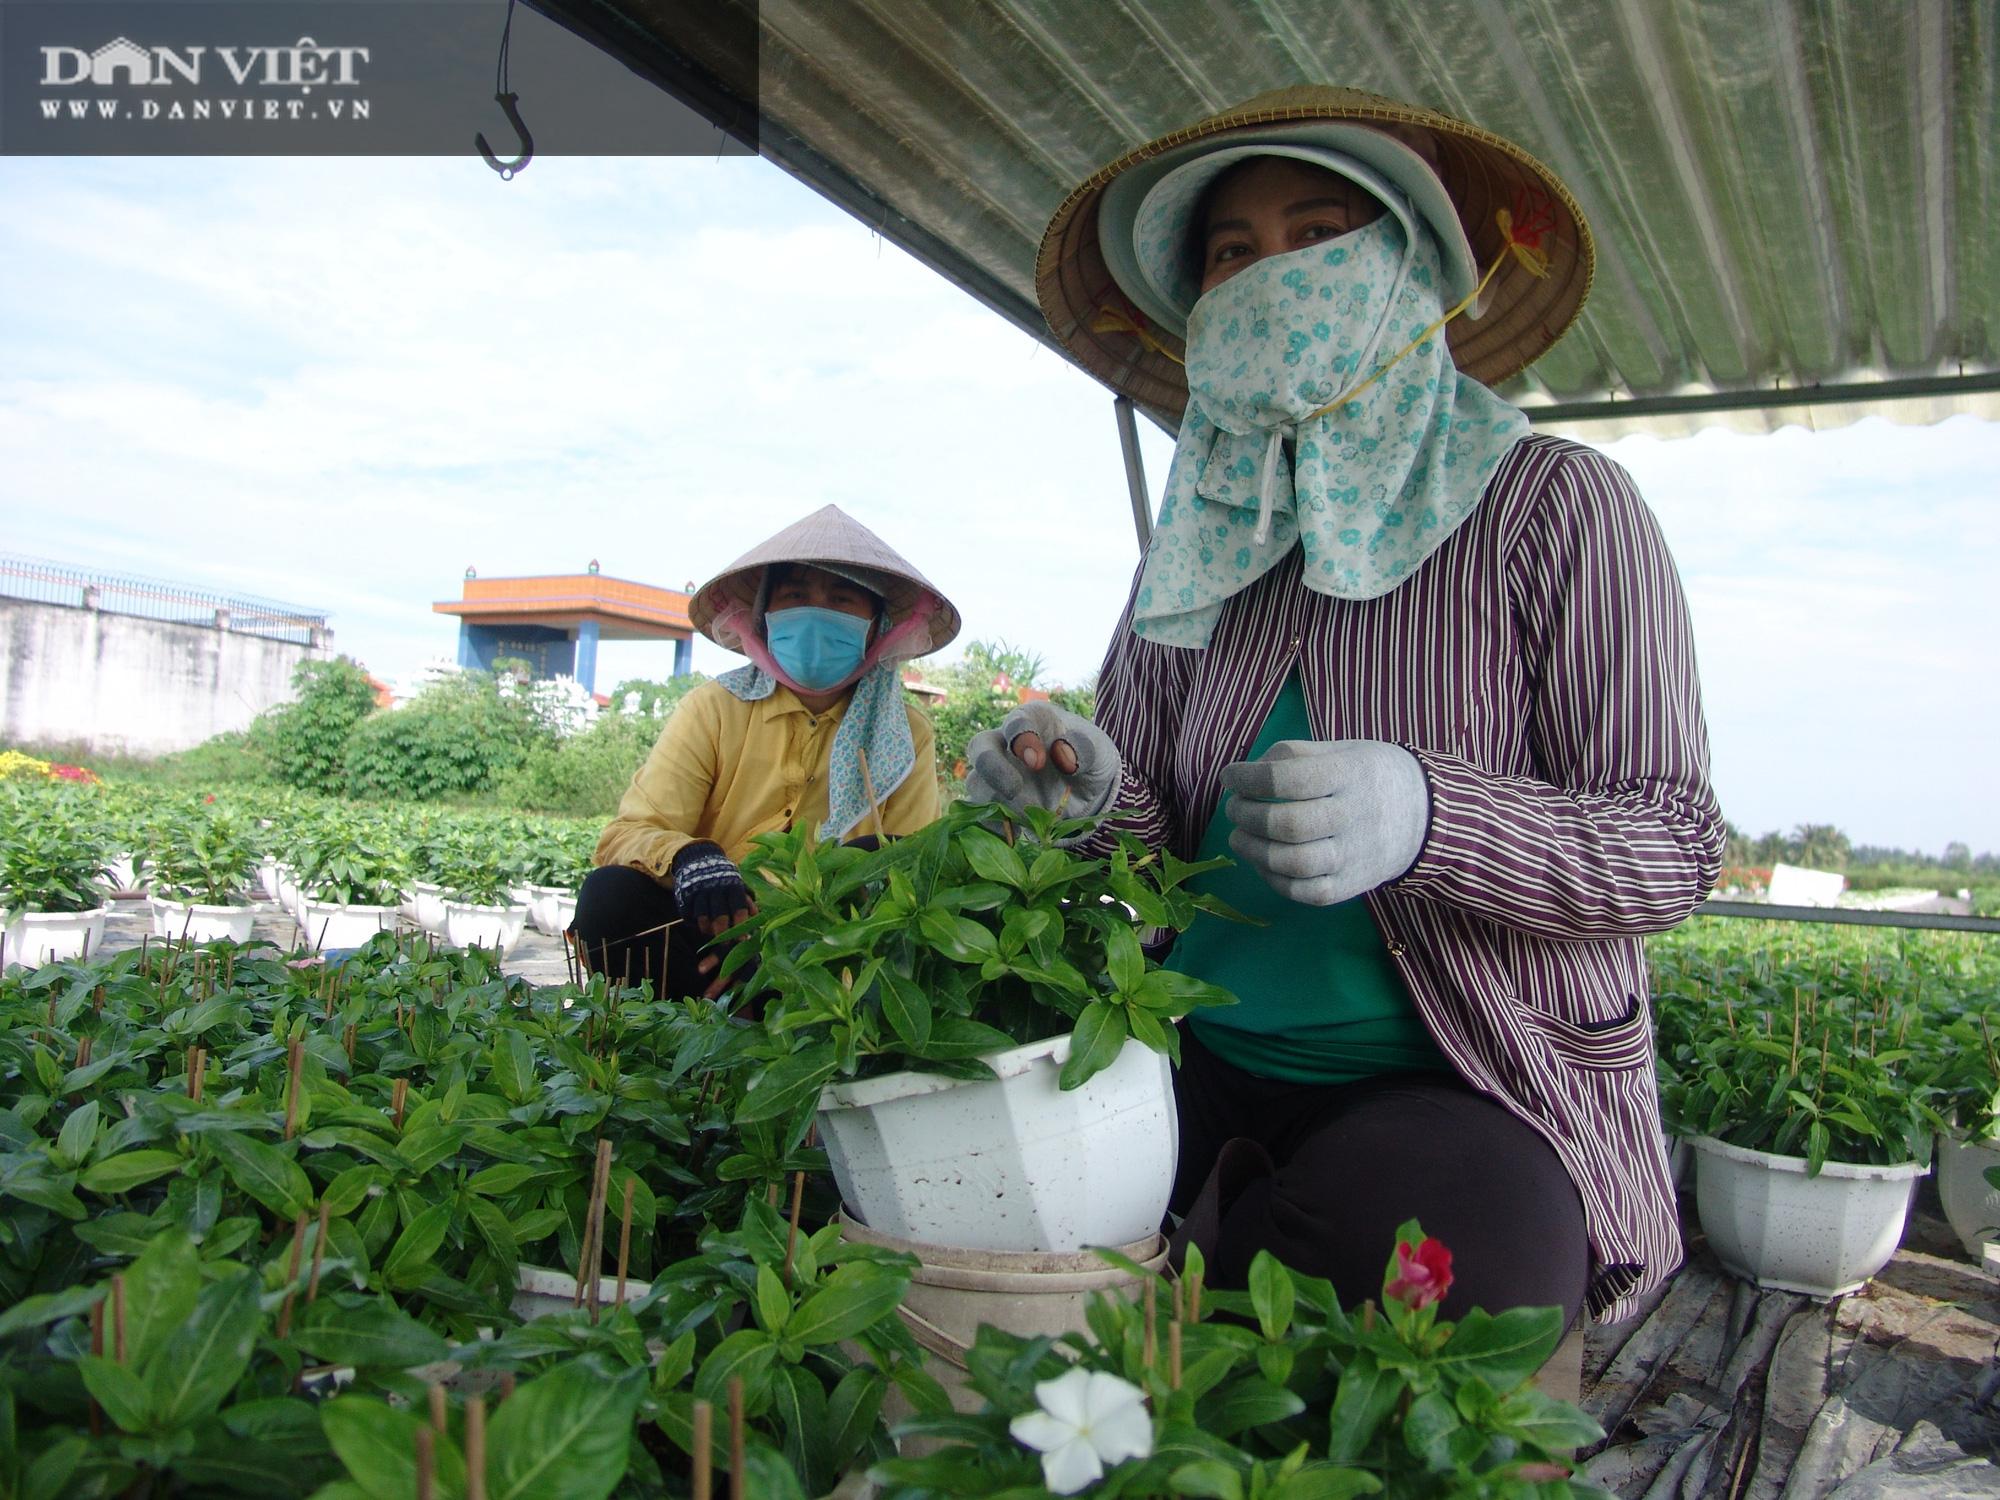 Từ chậu hoa dừa cạn mua chơi, nông dân chân đất trở thành tỷ phú - Ảnh 3.